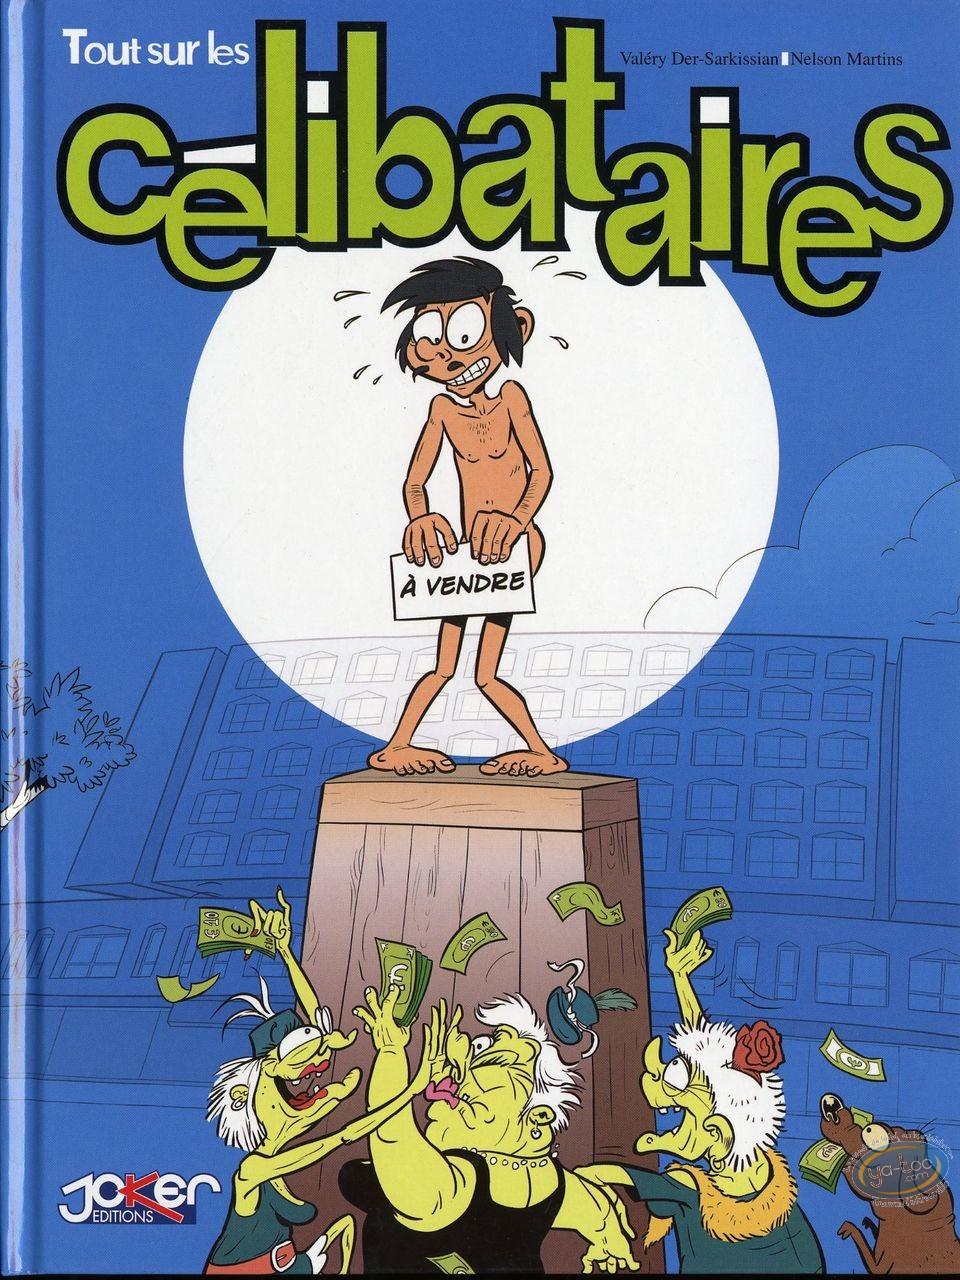 Reduced price European comic books, Tout sur … : Tour sur ... Les célibataires